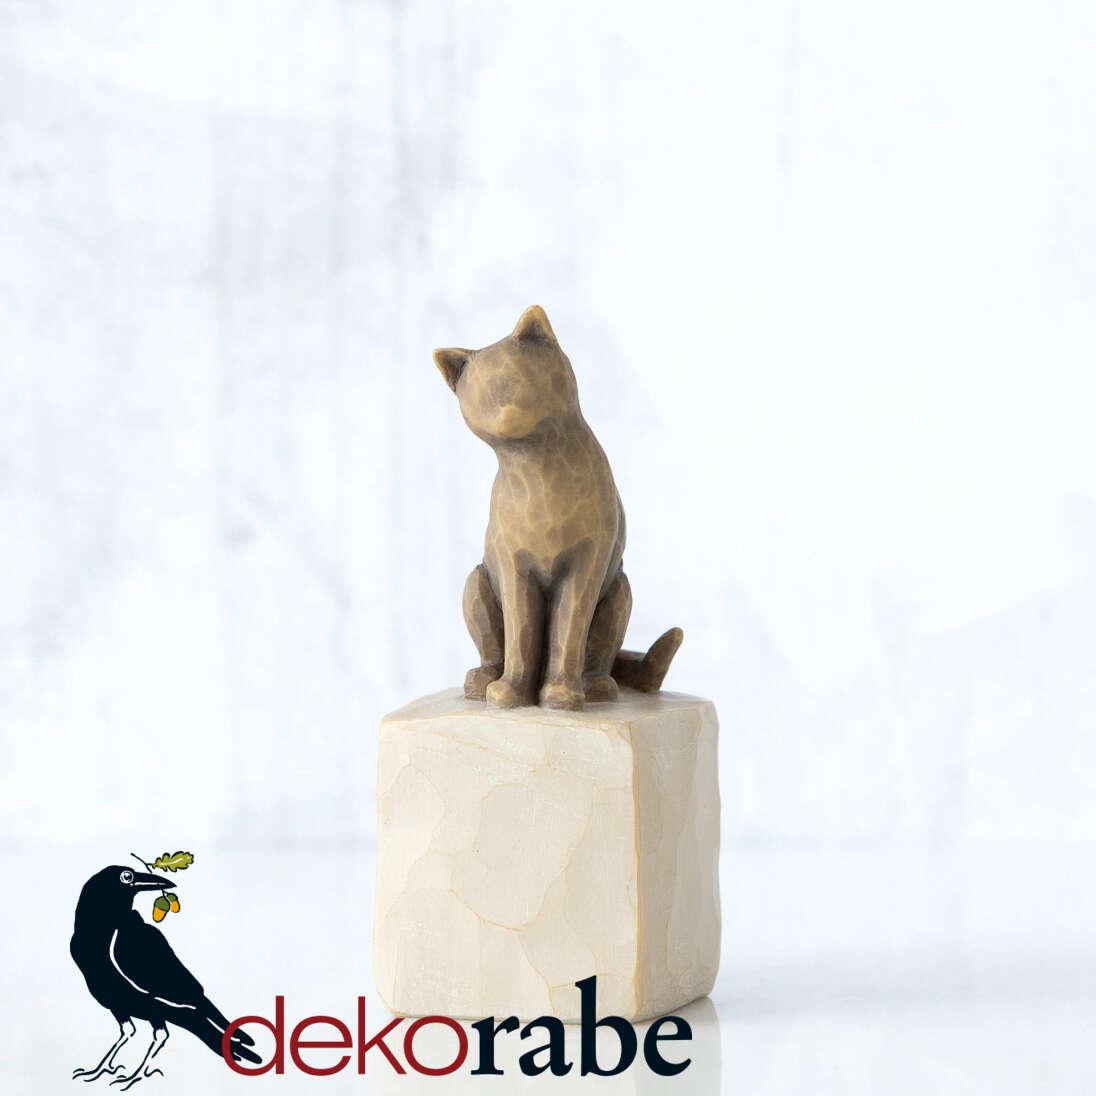 Meine liebe Katze Sitzende Katze mit dunklem Fell auf einem Podest